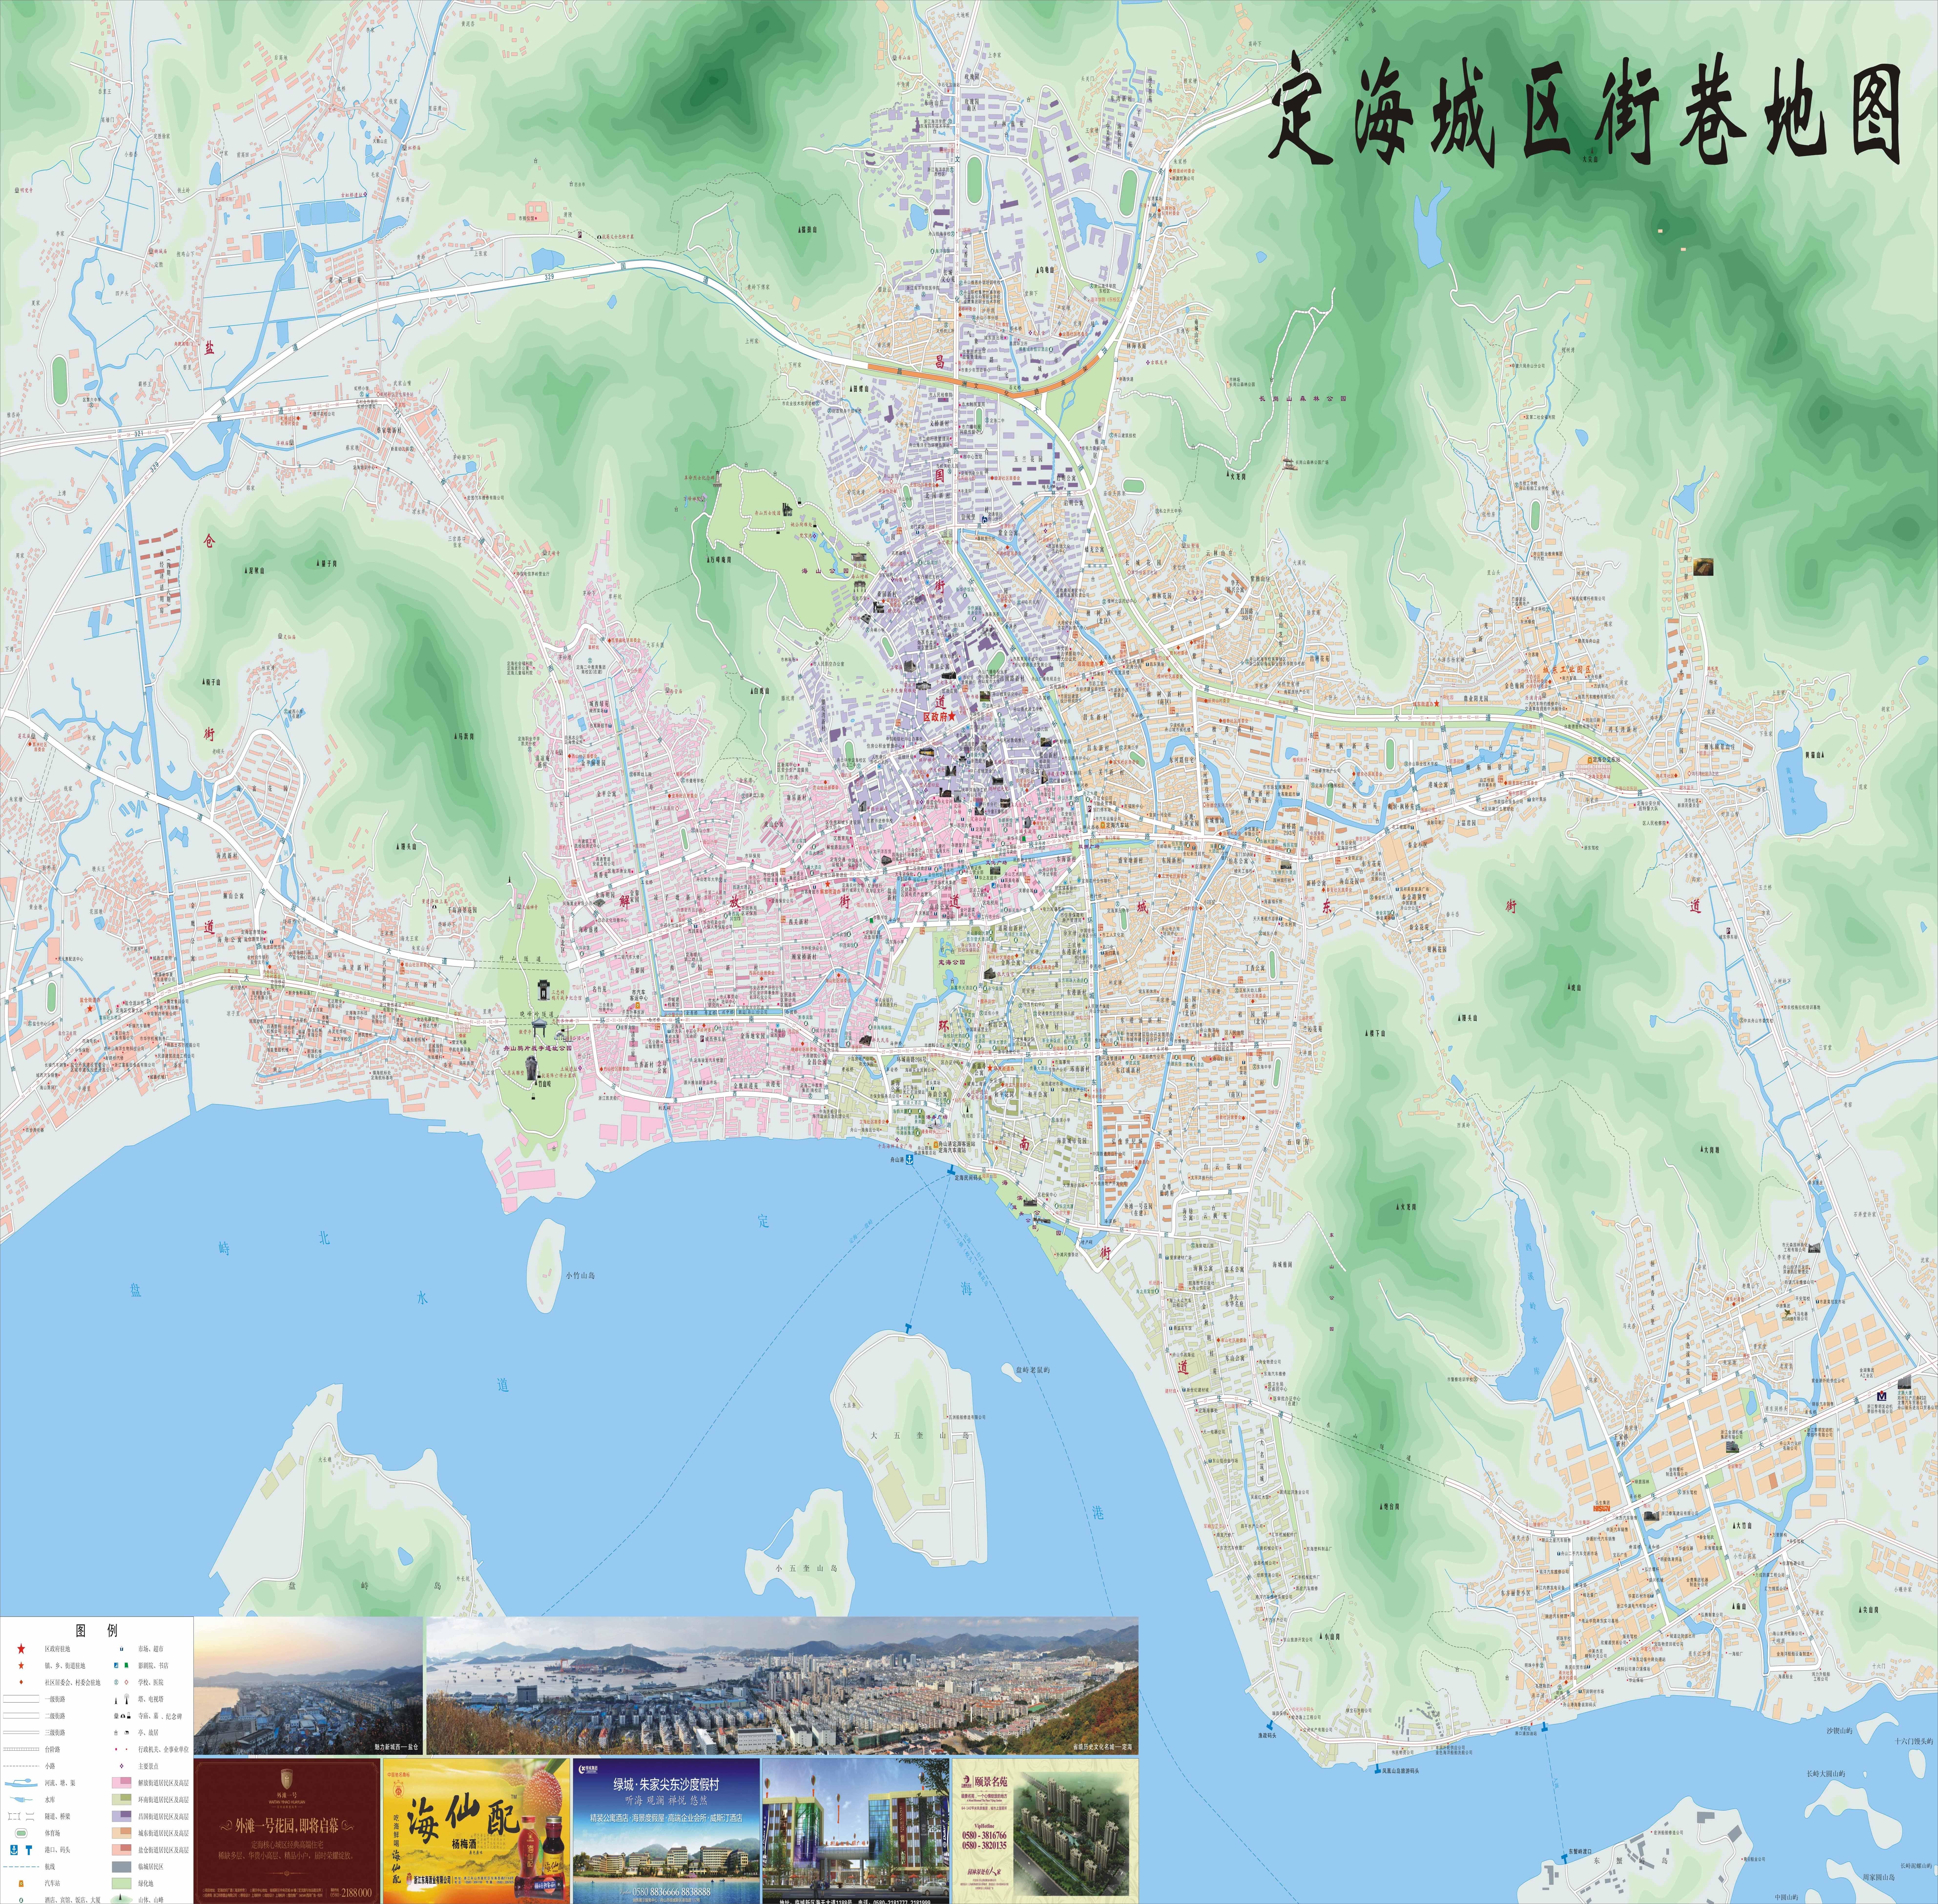 淳安千岛湖自驾车旅游交通图